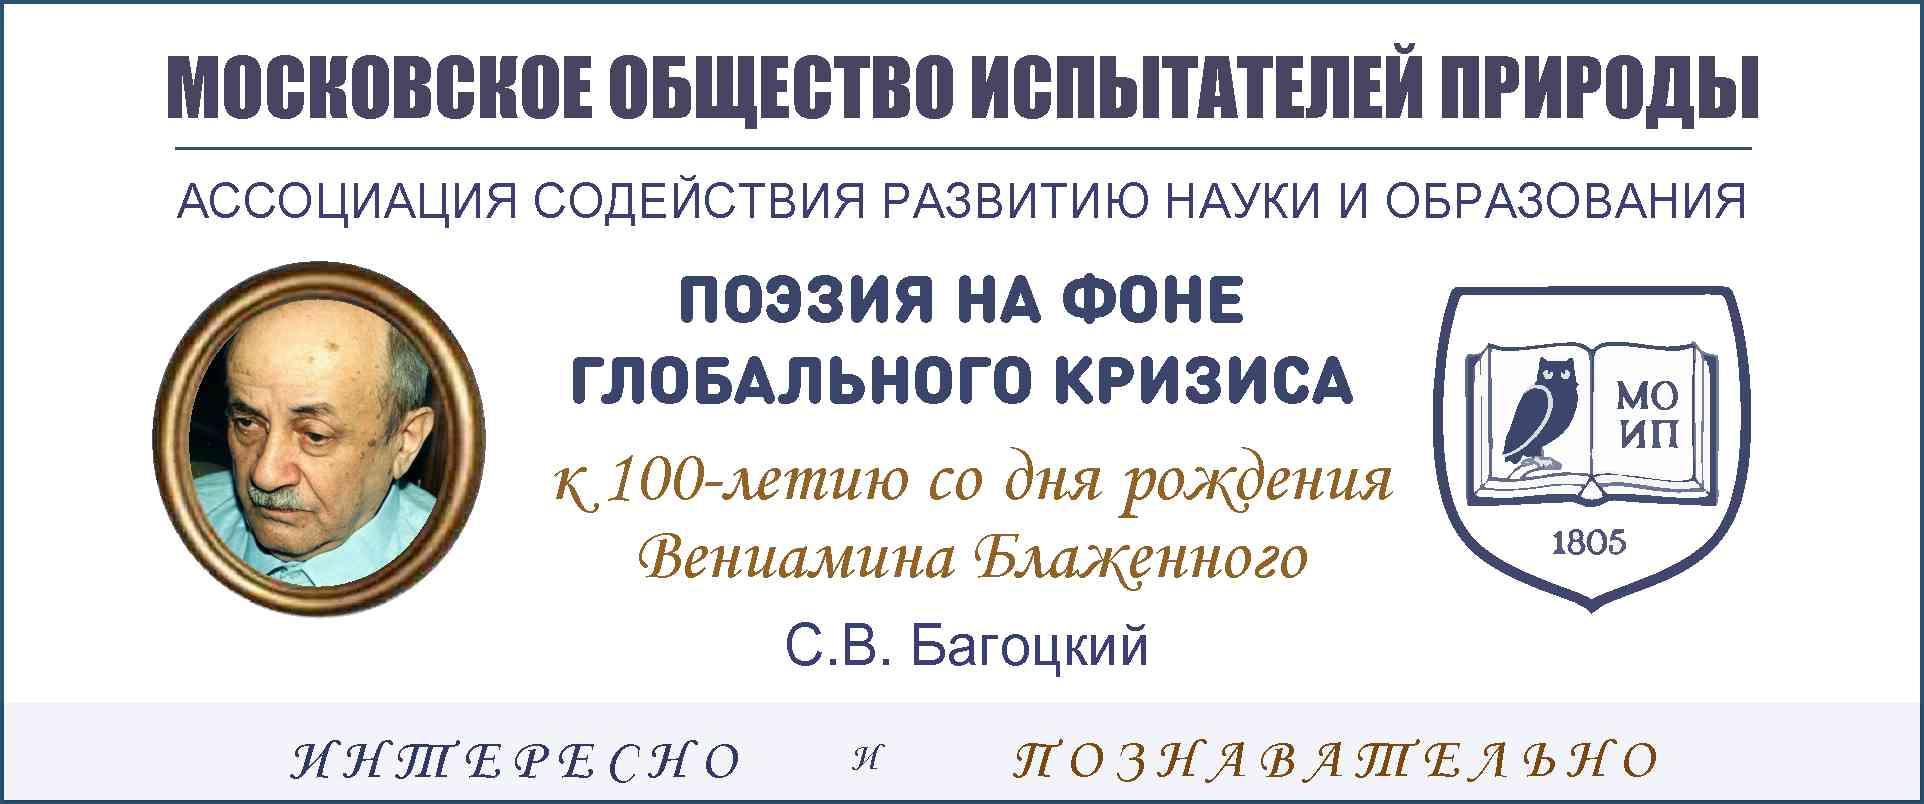 ПОЭЗИЯ НА ФОНЕ ГЛОБАЛЬНОГО КРИЗИСА (к 100-летию со дня рождения Вениамина Блаженного)